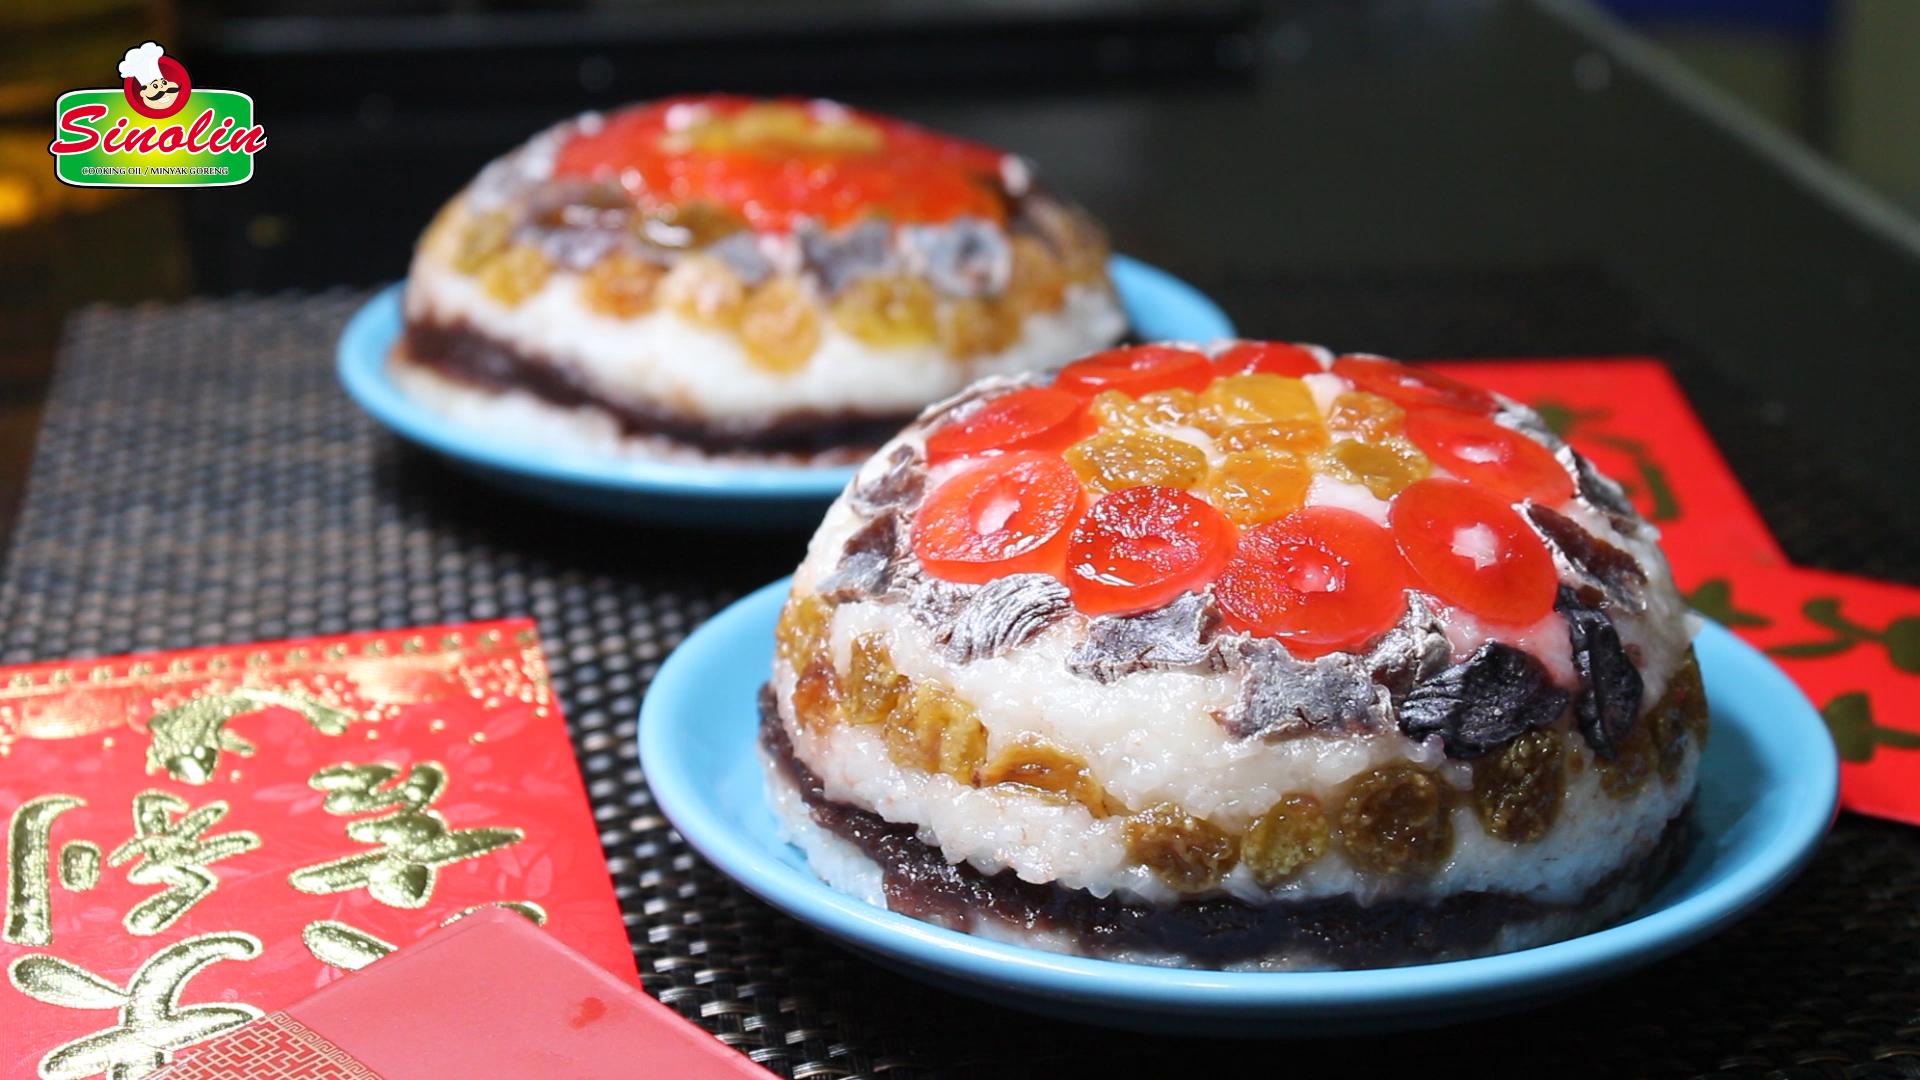 Delapan Puding Nasi Harta Hidangan tahun baru Cina oleh Dapur Sinolin